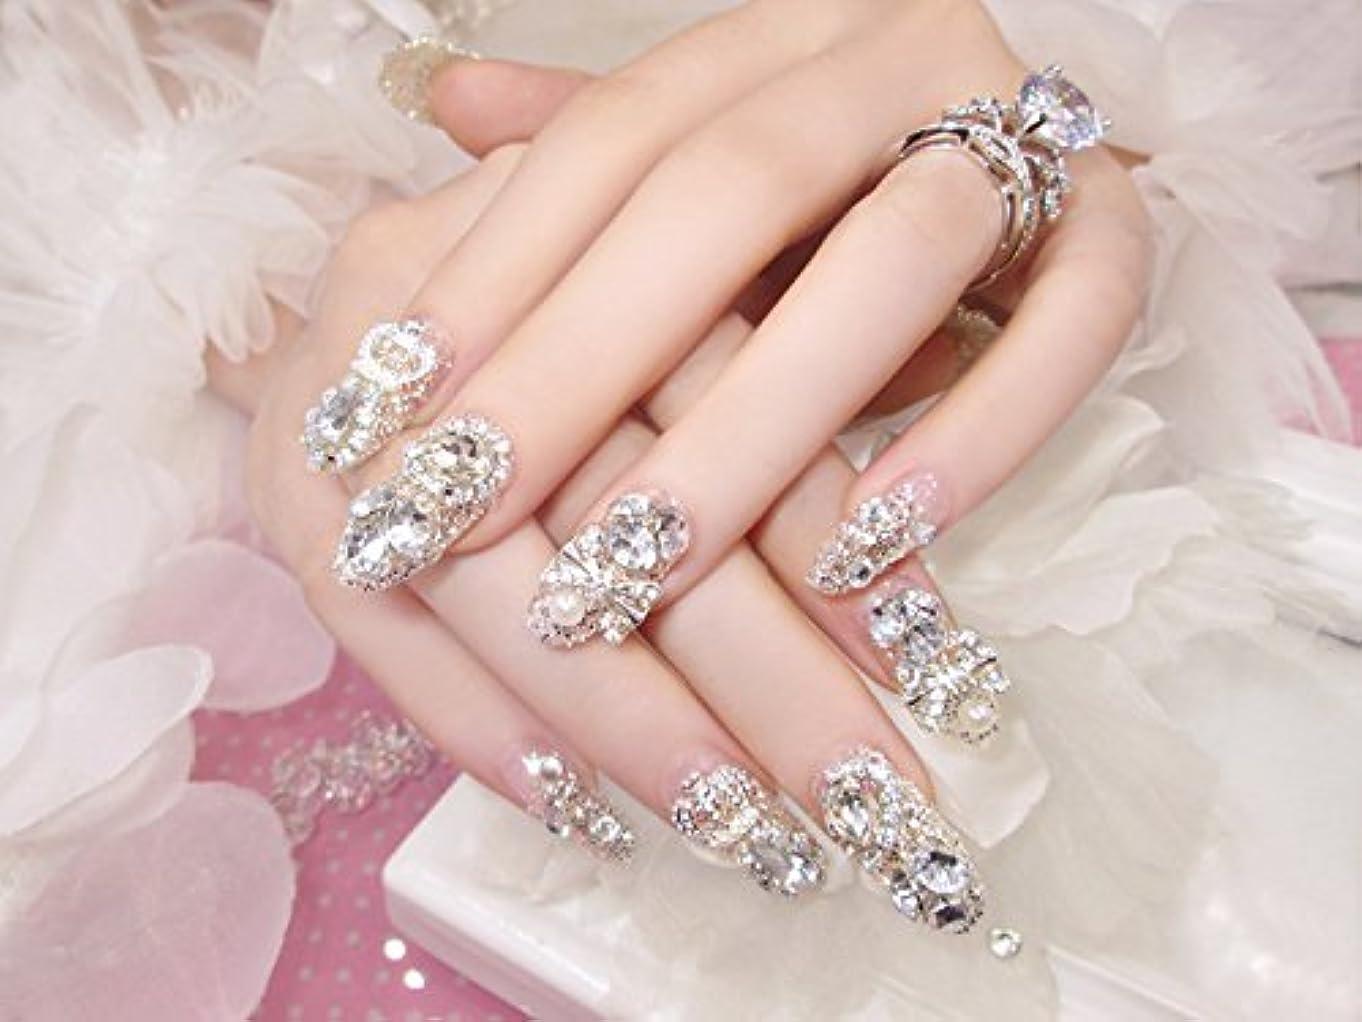 破産なだめる吸収剤花嫁ネイル 手作りネイルチップ ラインストーンリボンが輝く フルチップ シンプル ネイルチップ24枚セット 人造ダイヤモンド 両面接着テープ付き 結婚式、パーティー、二次会などに ジルコン (A36)